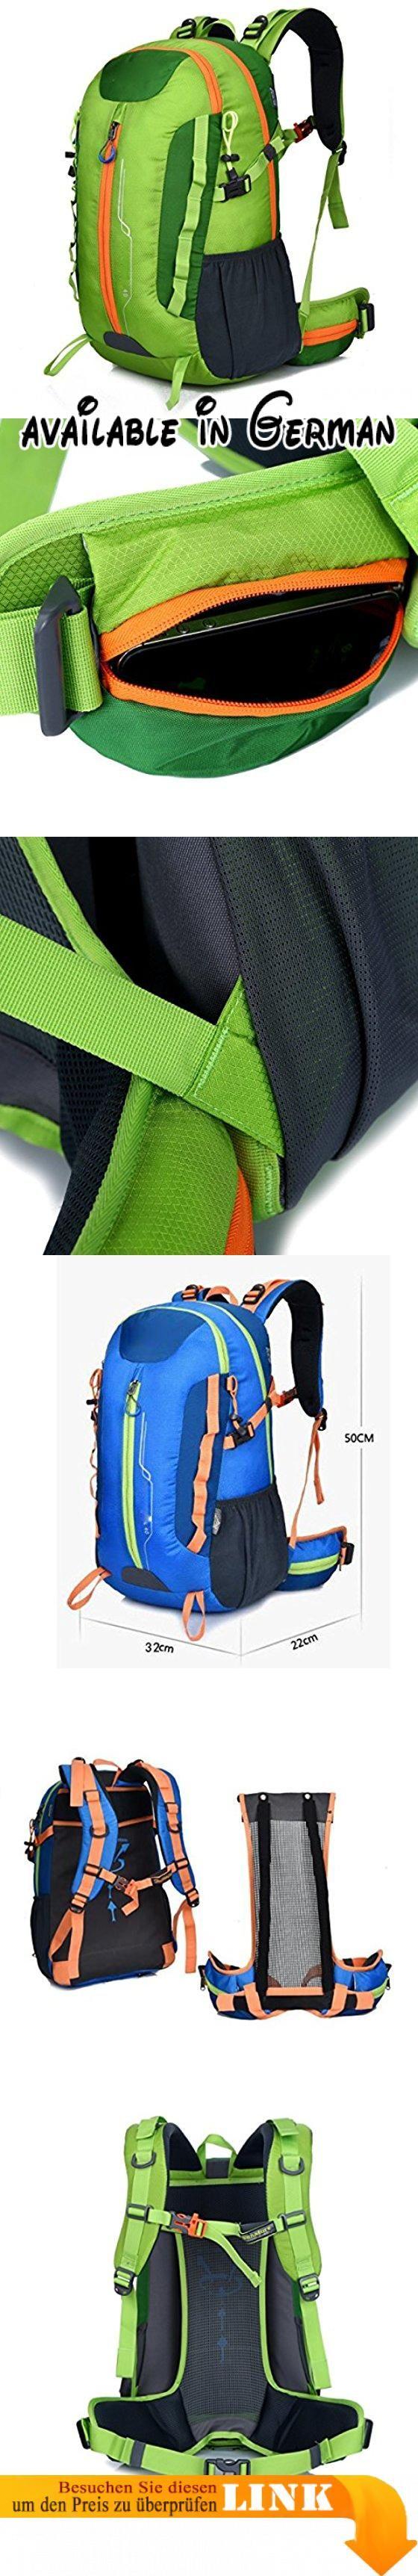 Bergsteigen Tasche Reiten Rucksack Reisen Doppel Schultertasche Sport Männer Und Frauen Walking Bag,Green. Der Rucksack ist aus hochreißigem und wasserabweisendem Nylongewebe gefertigt und bietet eine verbesserte und langlebige Leistung bei minimalem Gewicht.. Es ist geräumig genug für deine Hängematte, Kleidung, Handtuch, Zeitschrift und ein paar Biere, wenn nötig, etc. Es ist leicht, sich in kleine Tasche zu klappen. So können Sie es einfach in Ihrem Koffer für